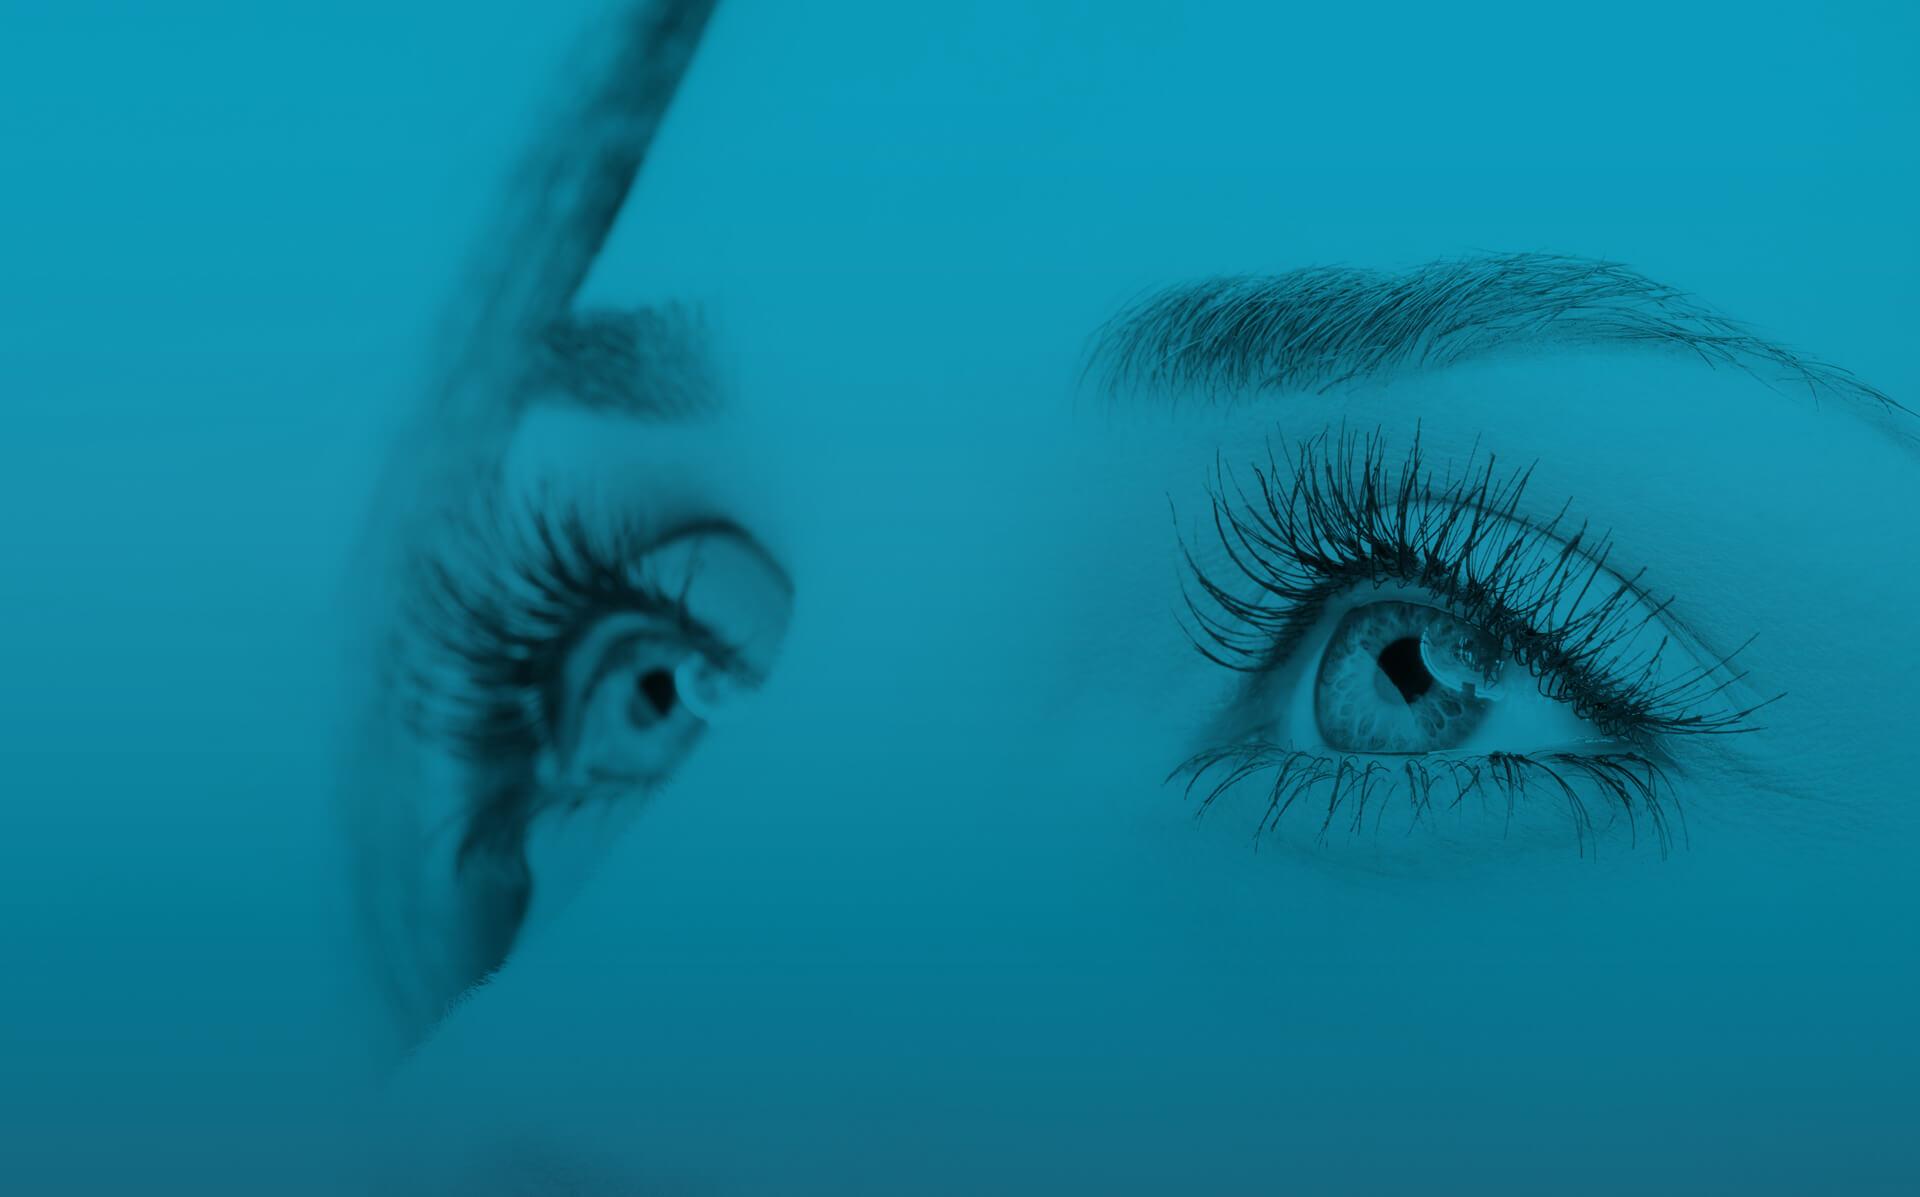 الإعاقة البصرية والعيون الاصطناعية